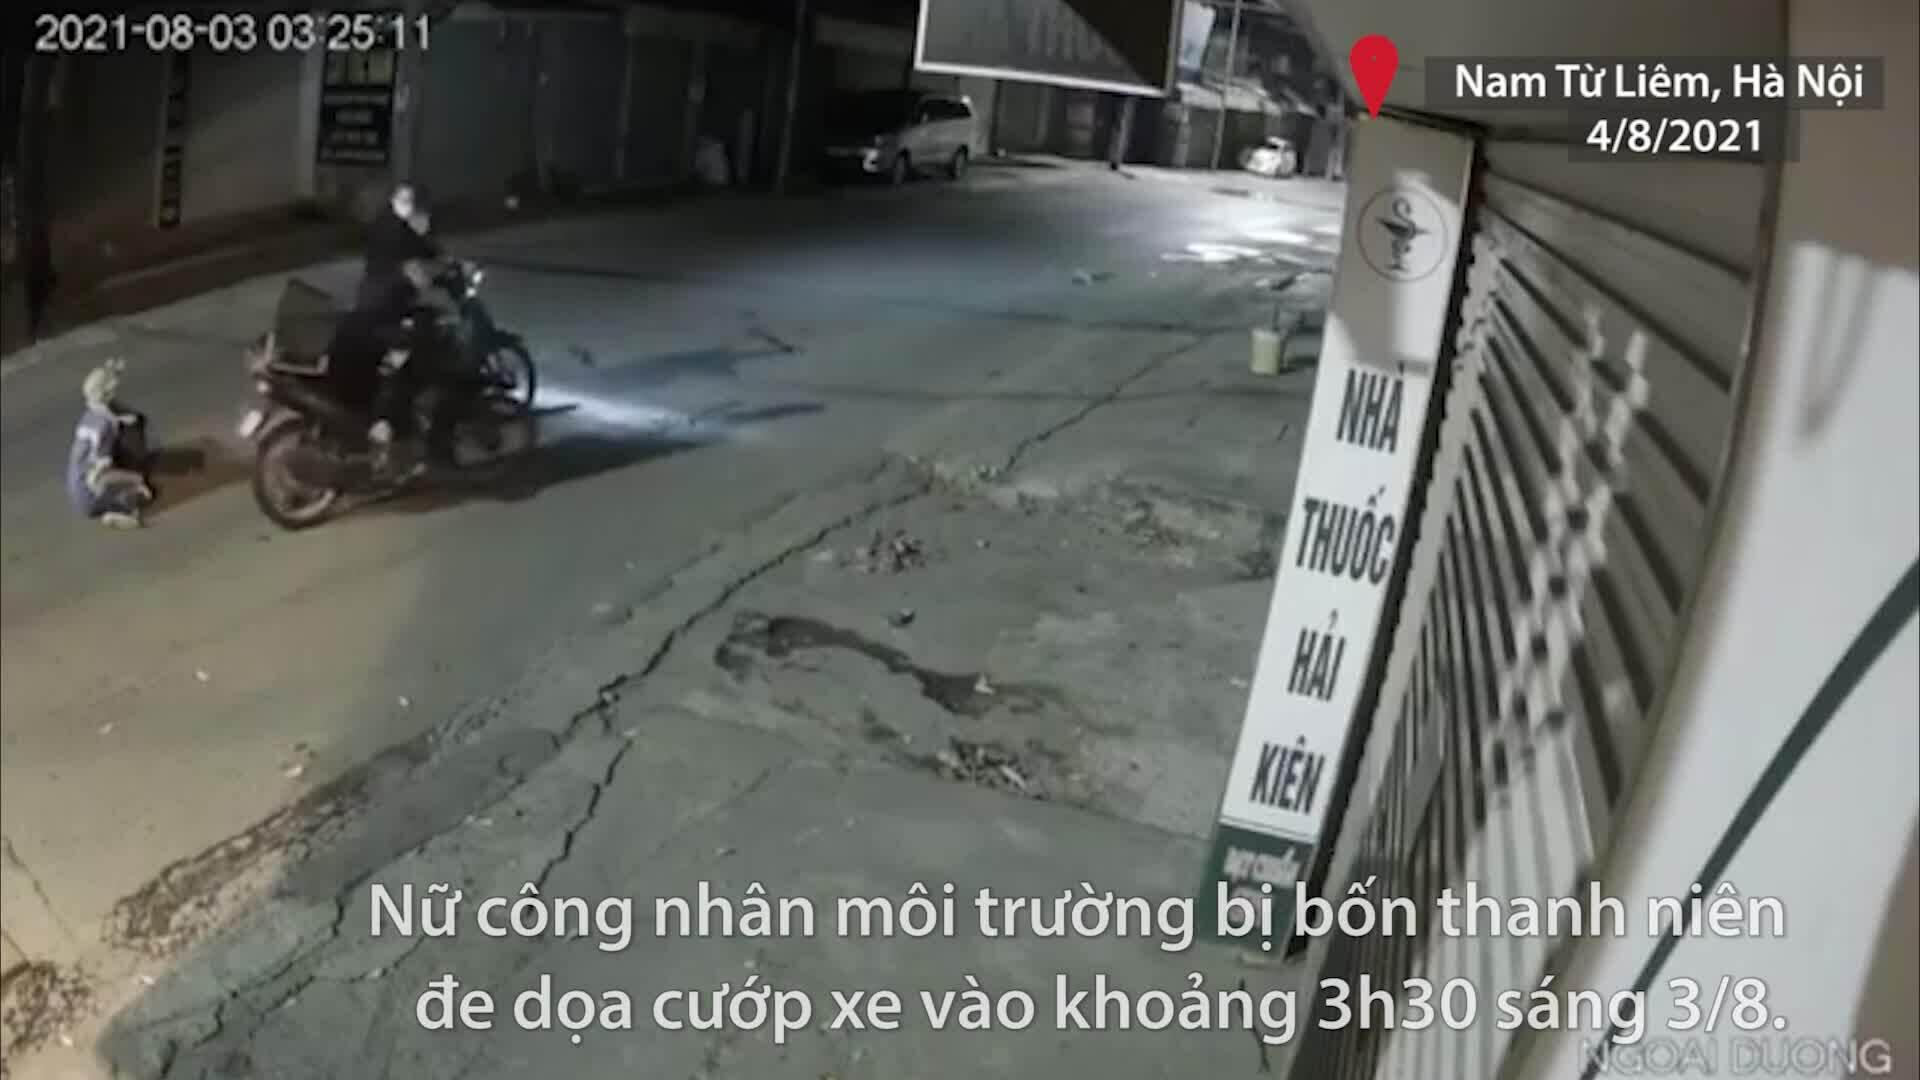 Nữ công nhân môi trường bị 4 thanh niên dí gậy sắt vào ngực cướp xe máy